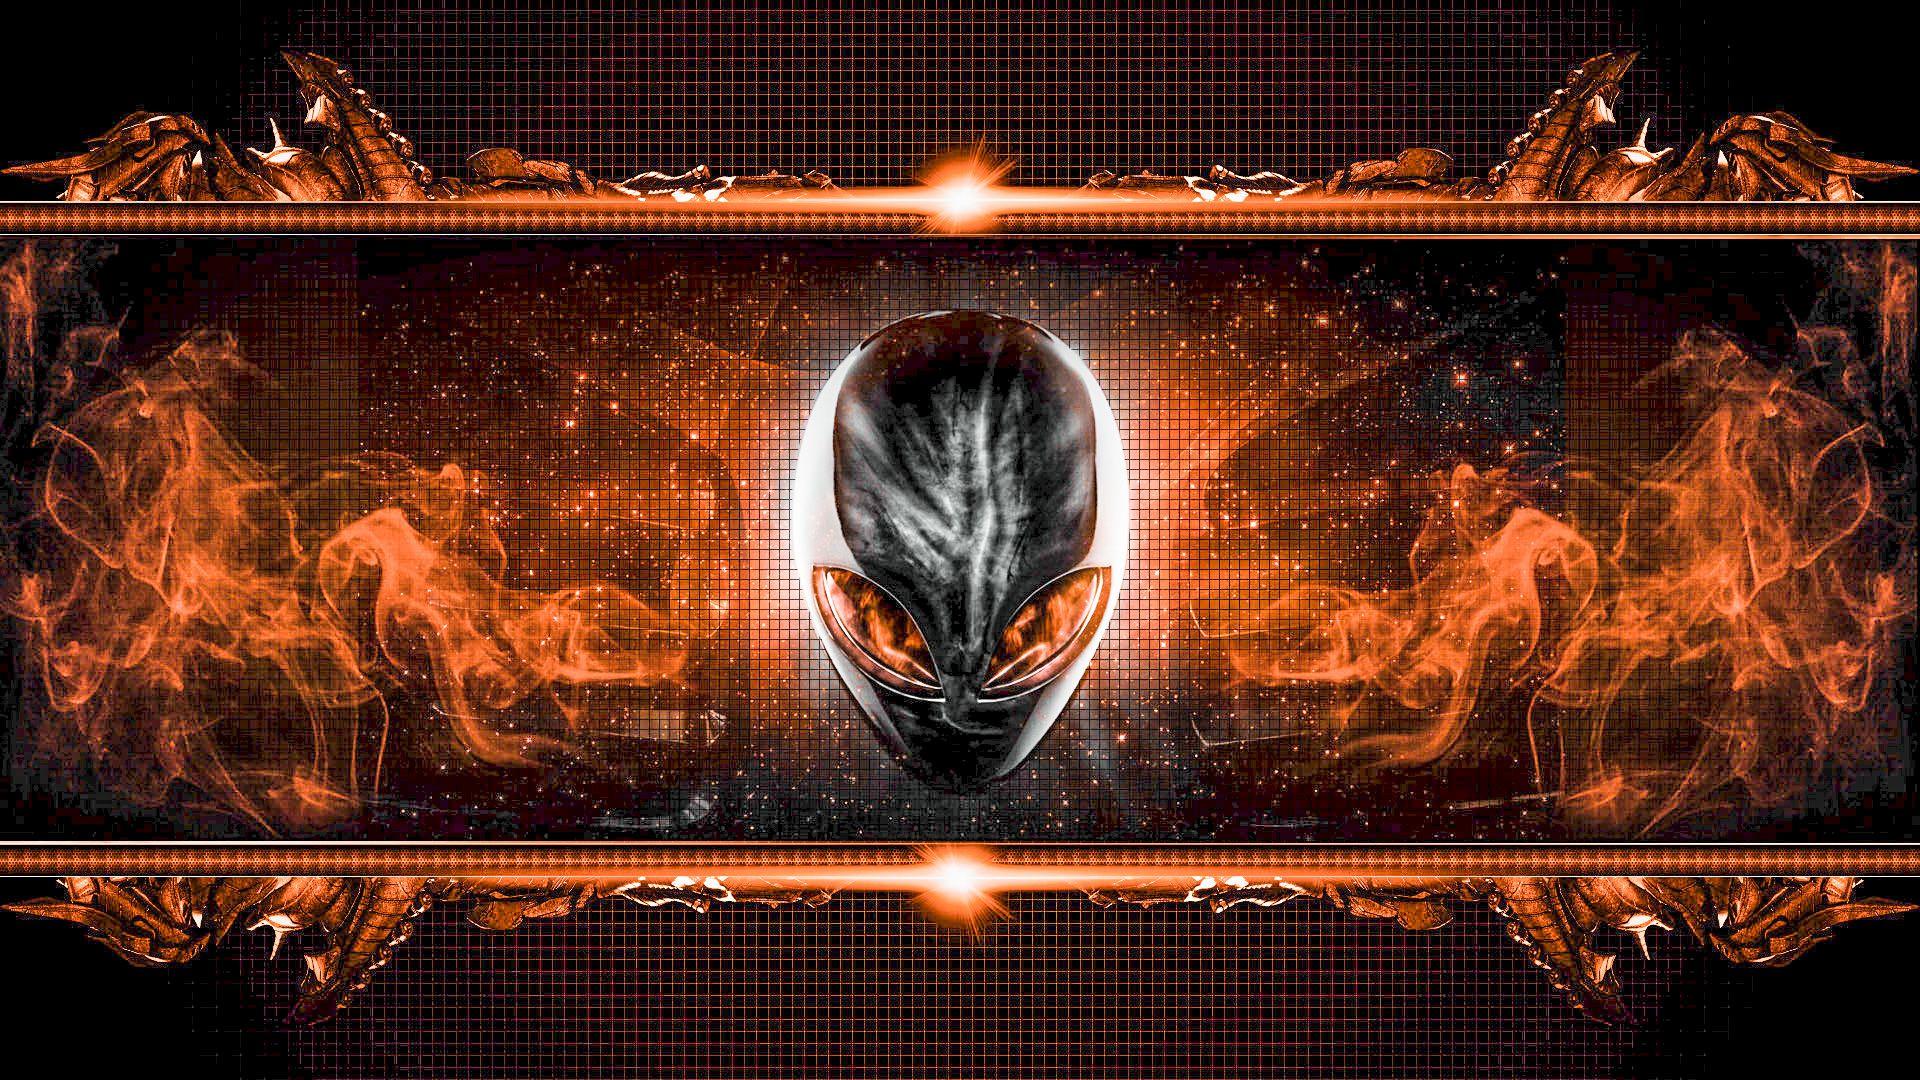 Alienware hd wallpapers httpwallpapersvenuealienware hd alienware hd wallpapers httpwallpapersvenuealienware hd voltagebd Images